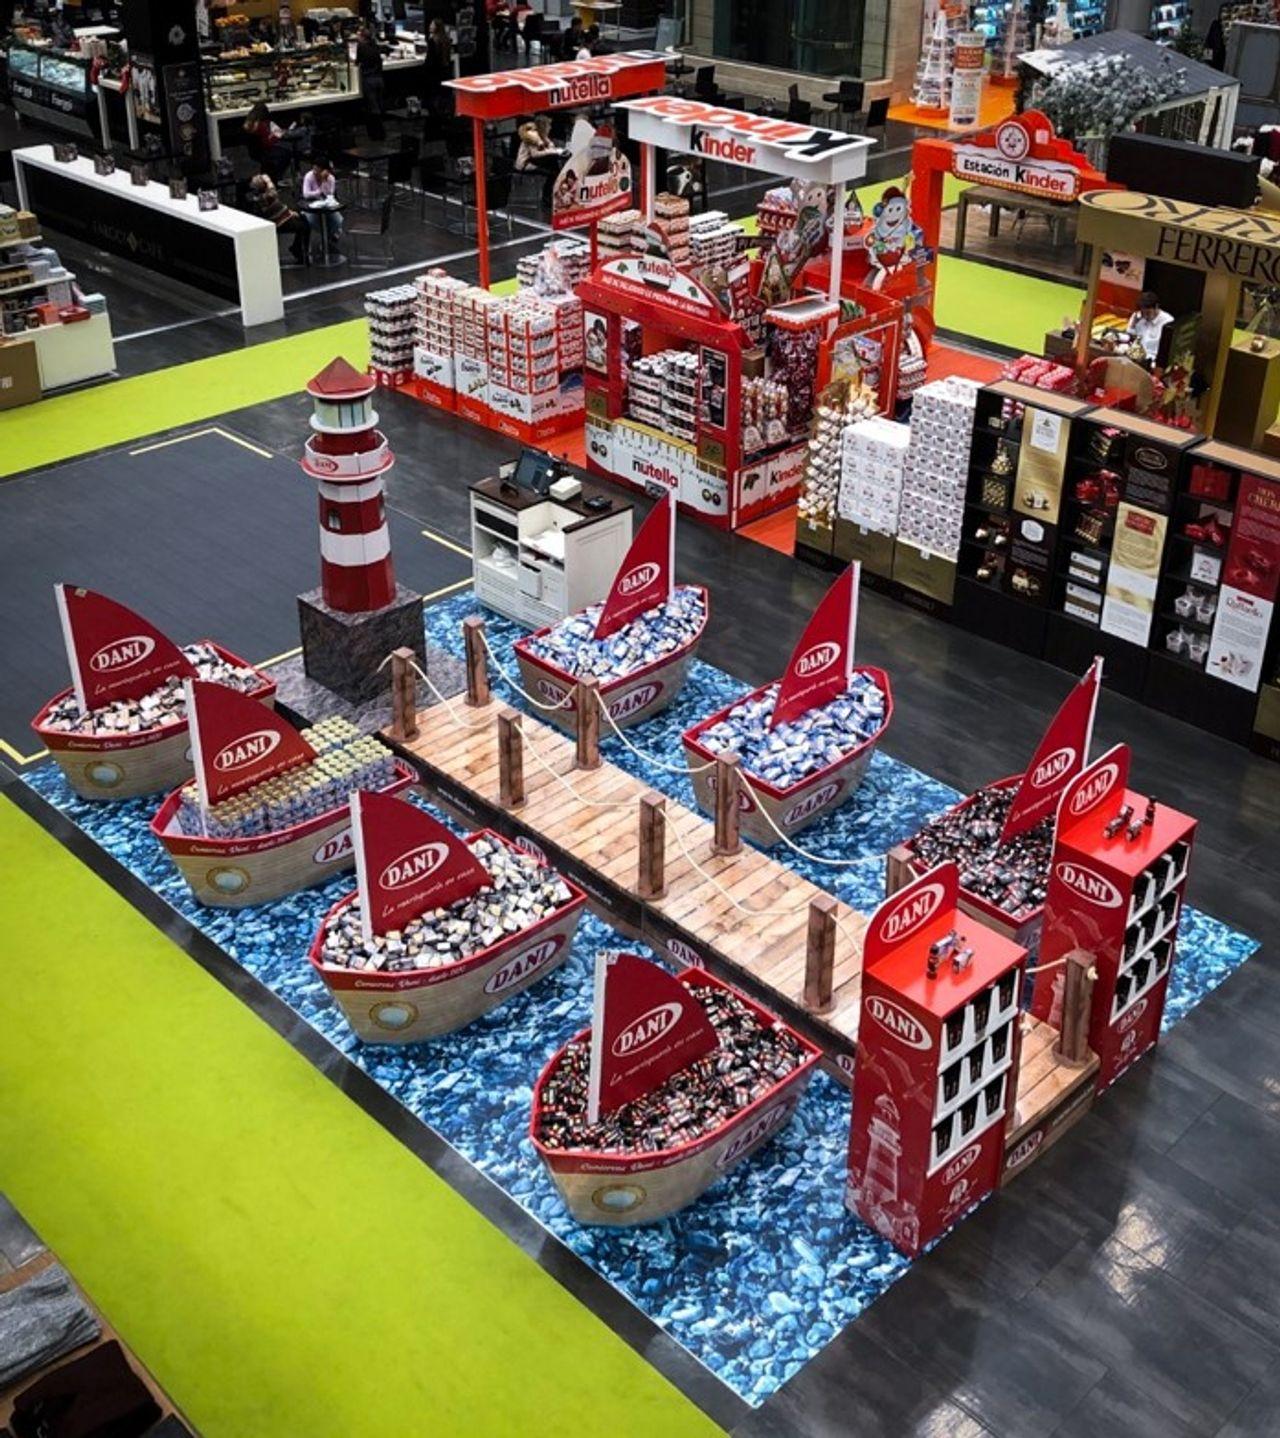 Abiplex_display_chocolade_supermarkt